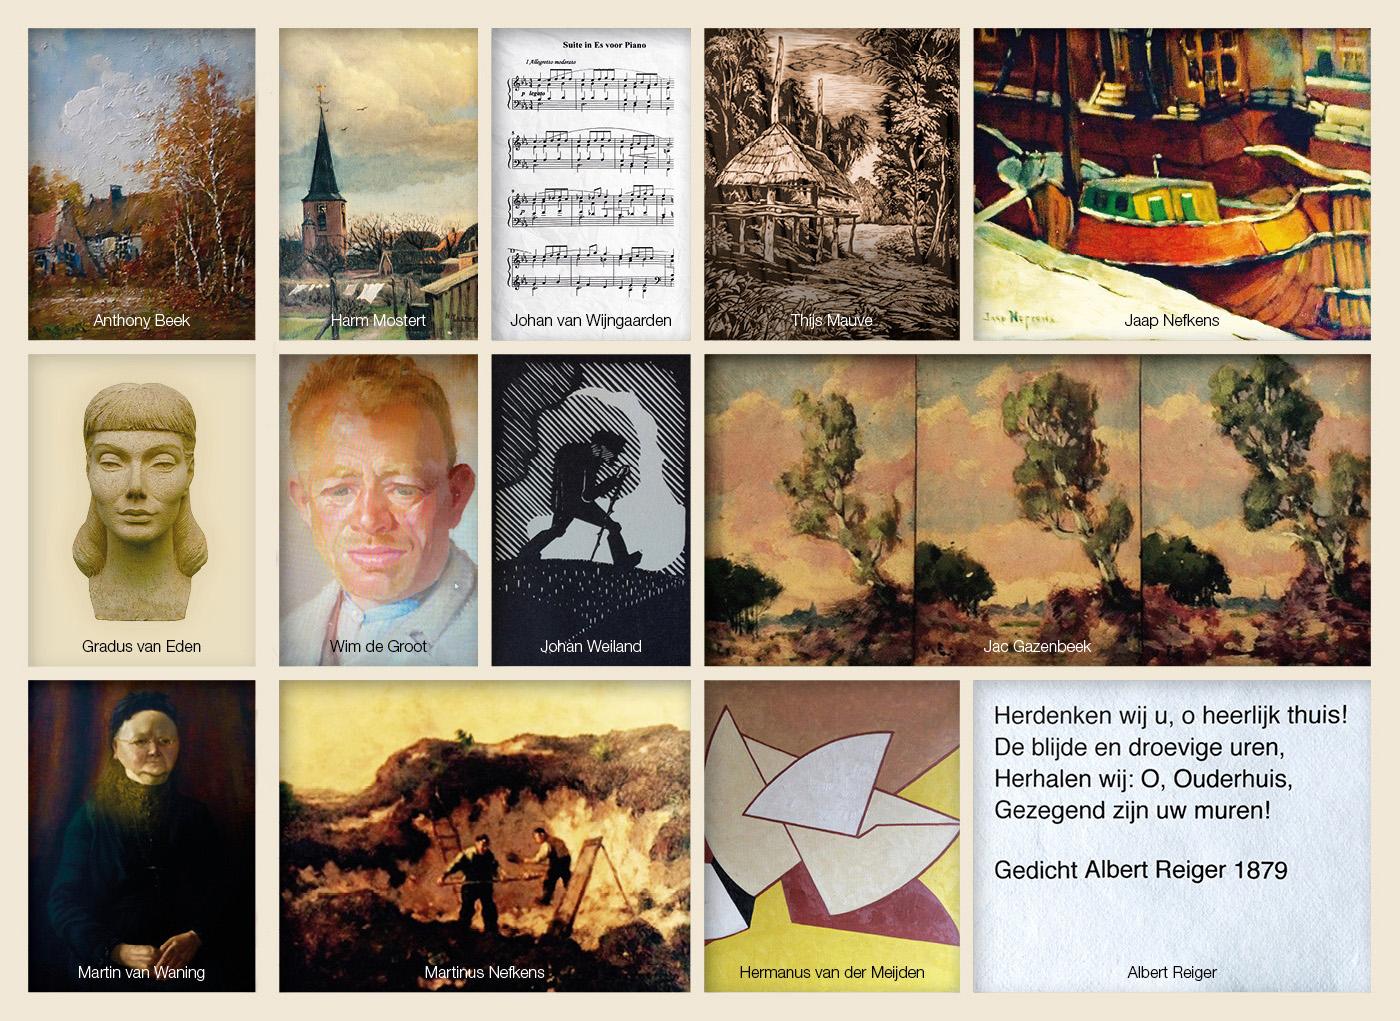 kunstenaars-van-weleer-kaart-voorzijdebron-voorzijde-kopie